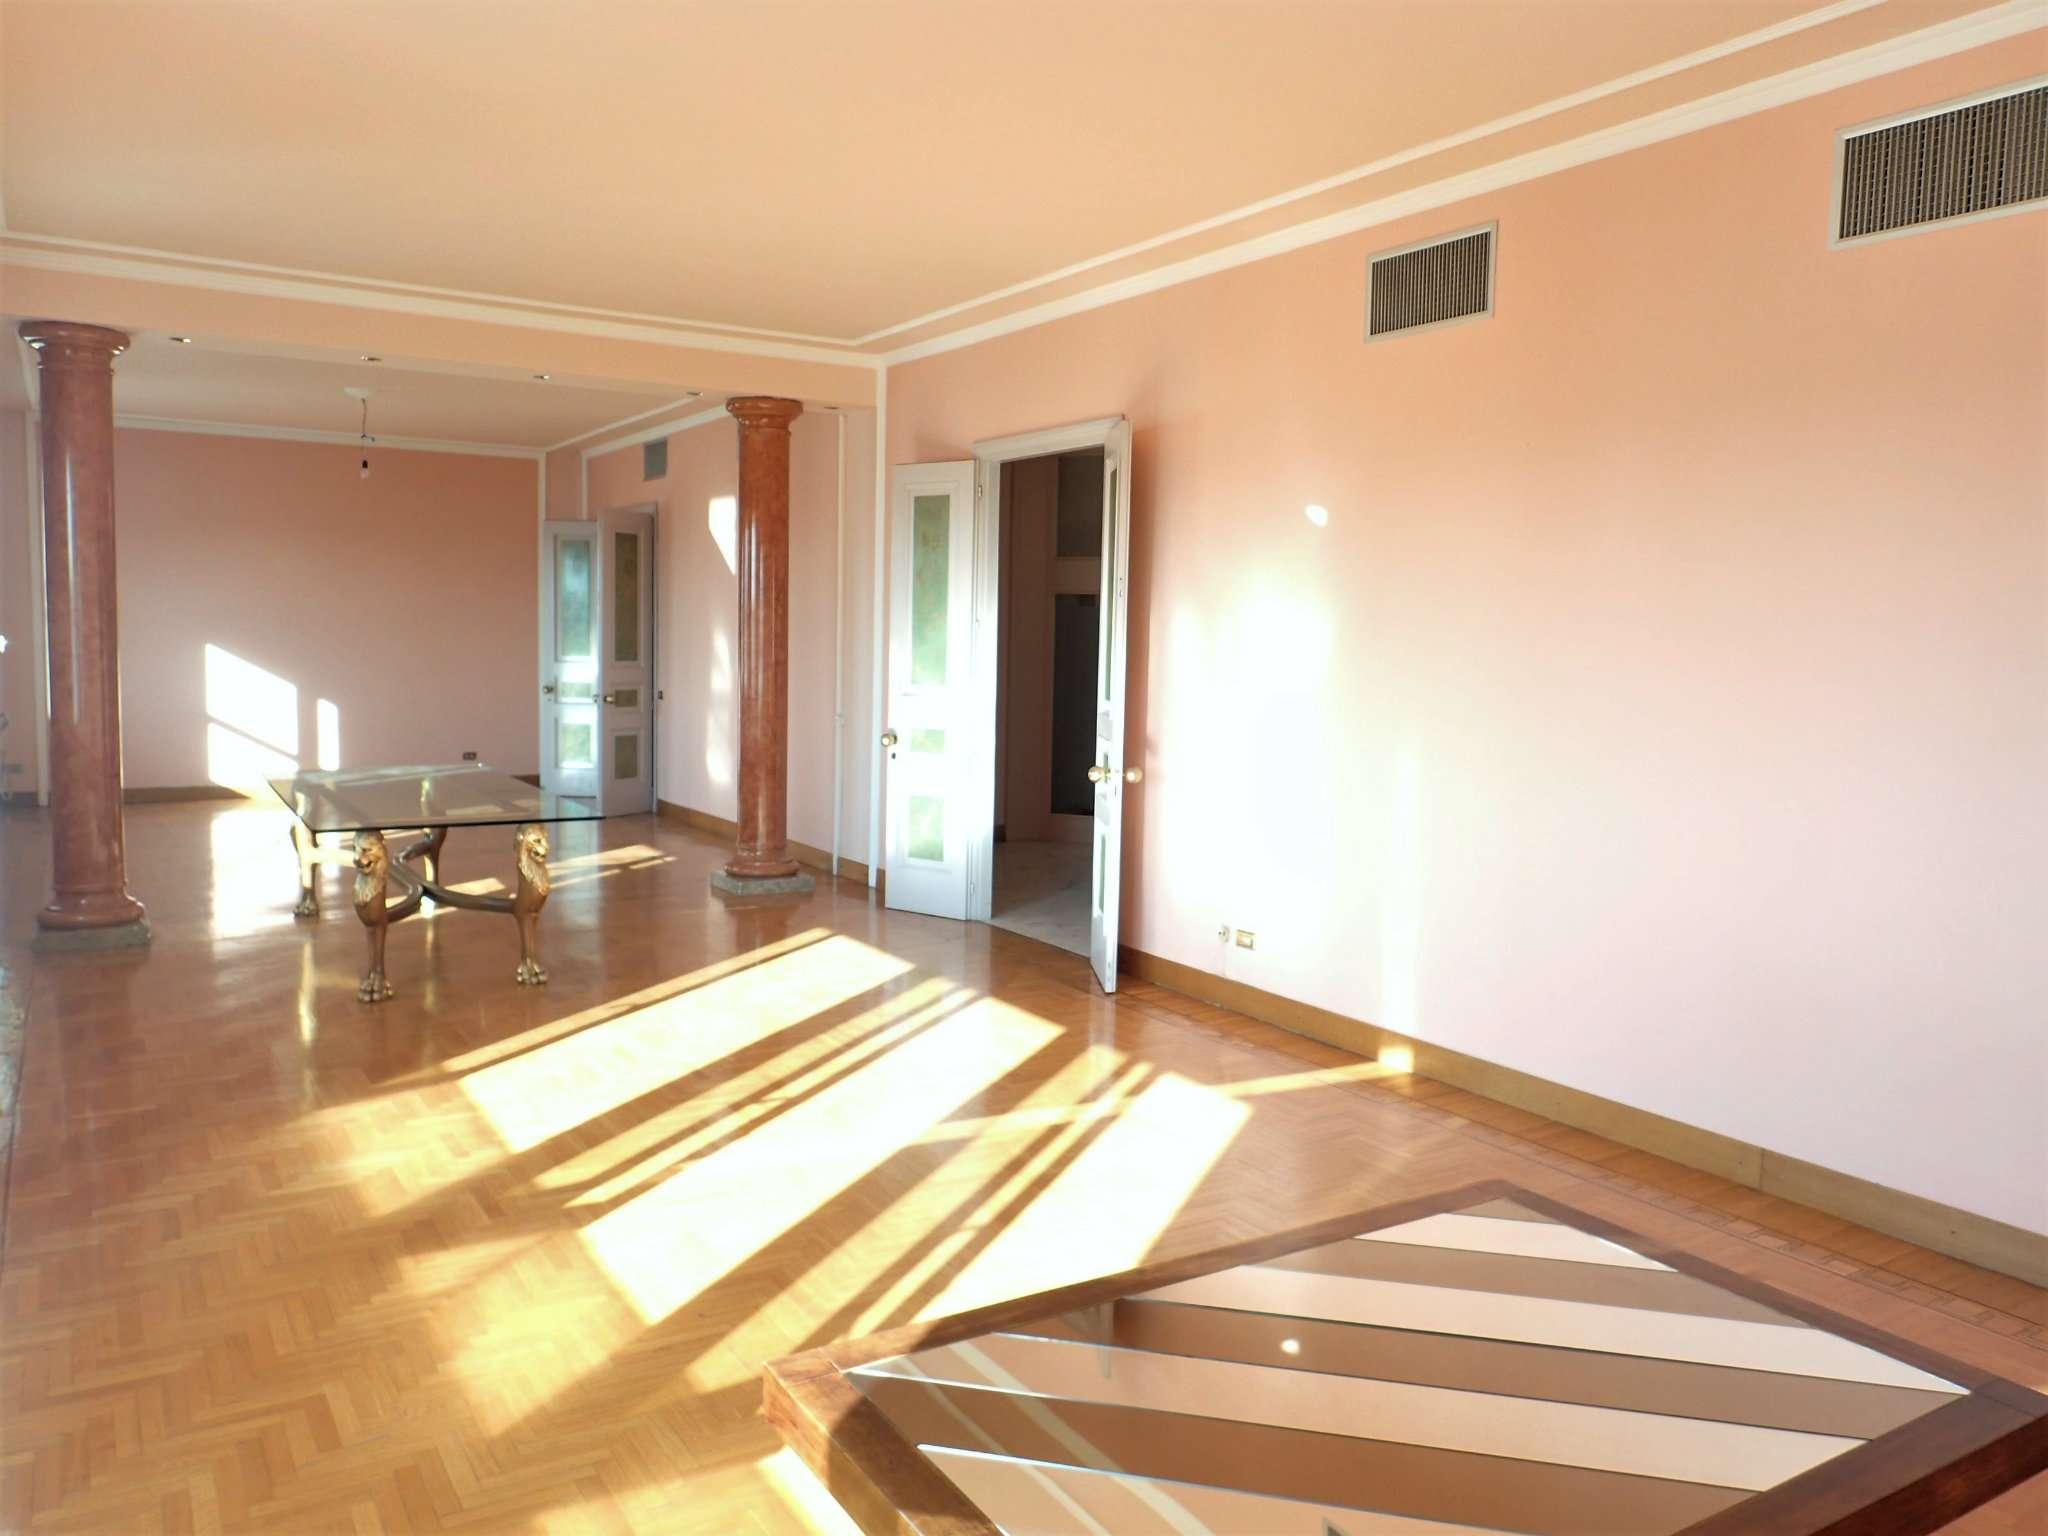 Appartamento in Vendita a Milano 02 Brera / Volta / Repubblica: 5 locali, 340 mq